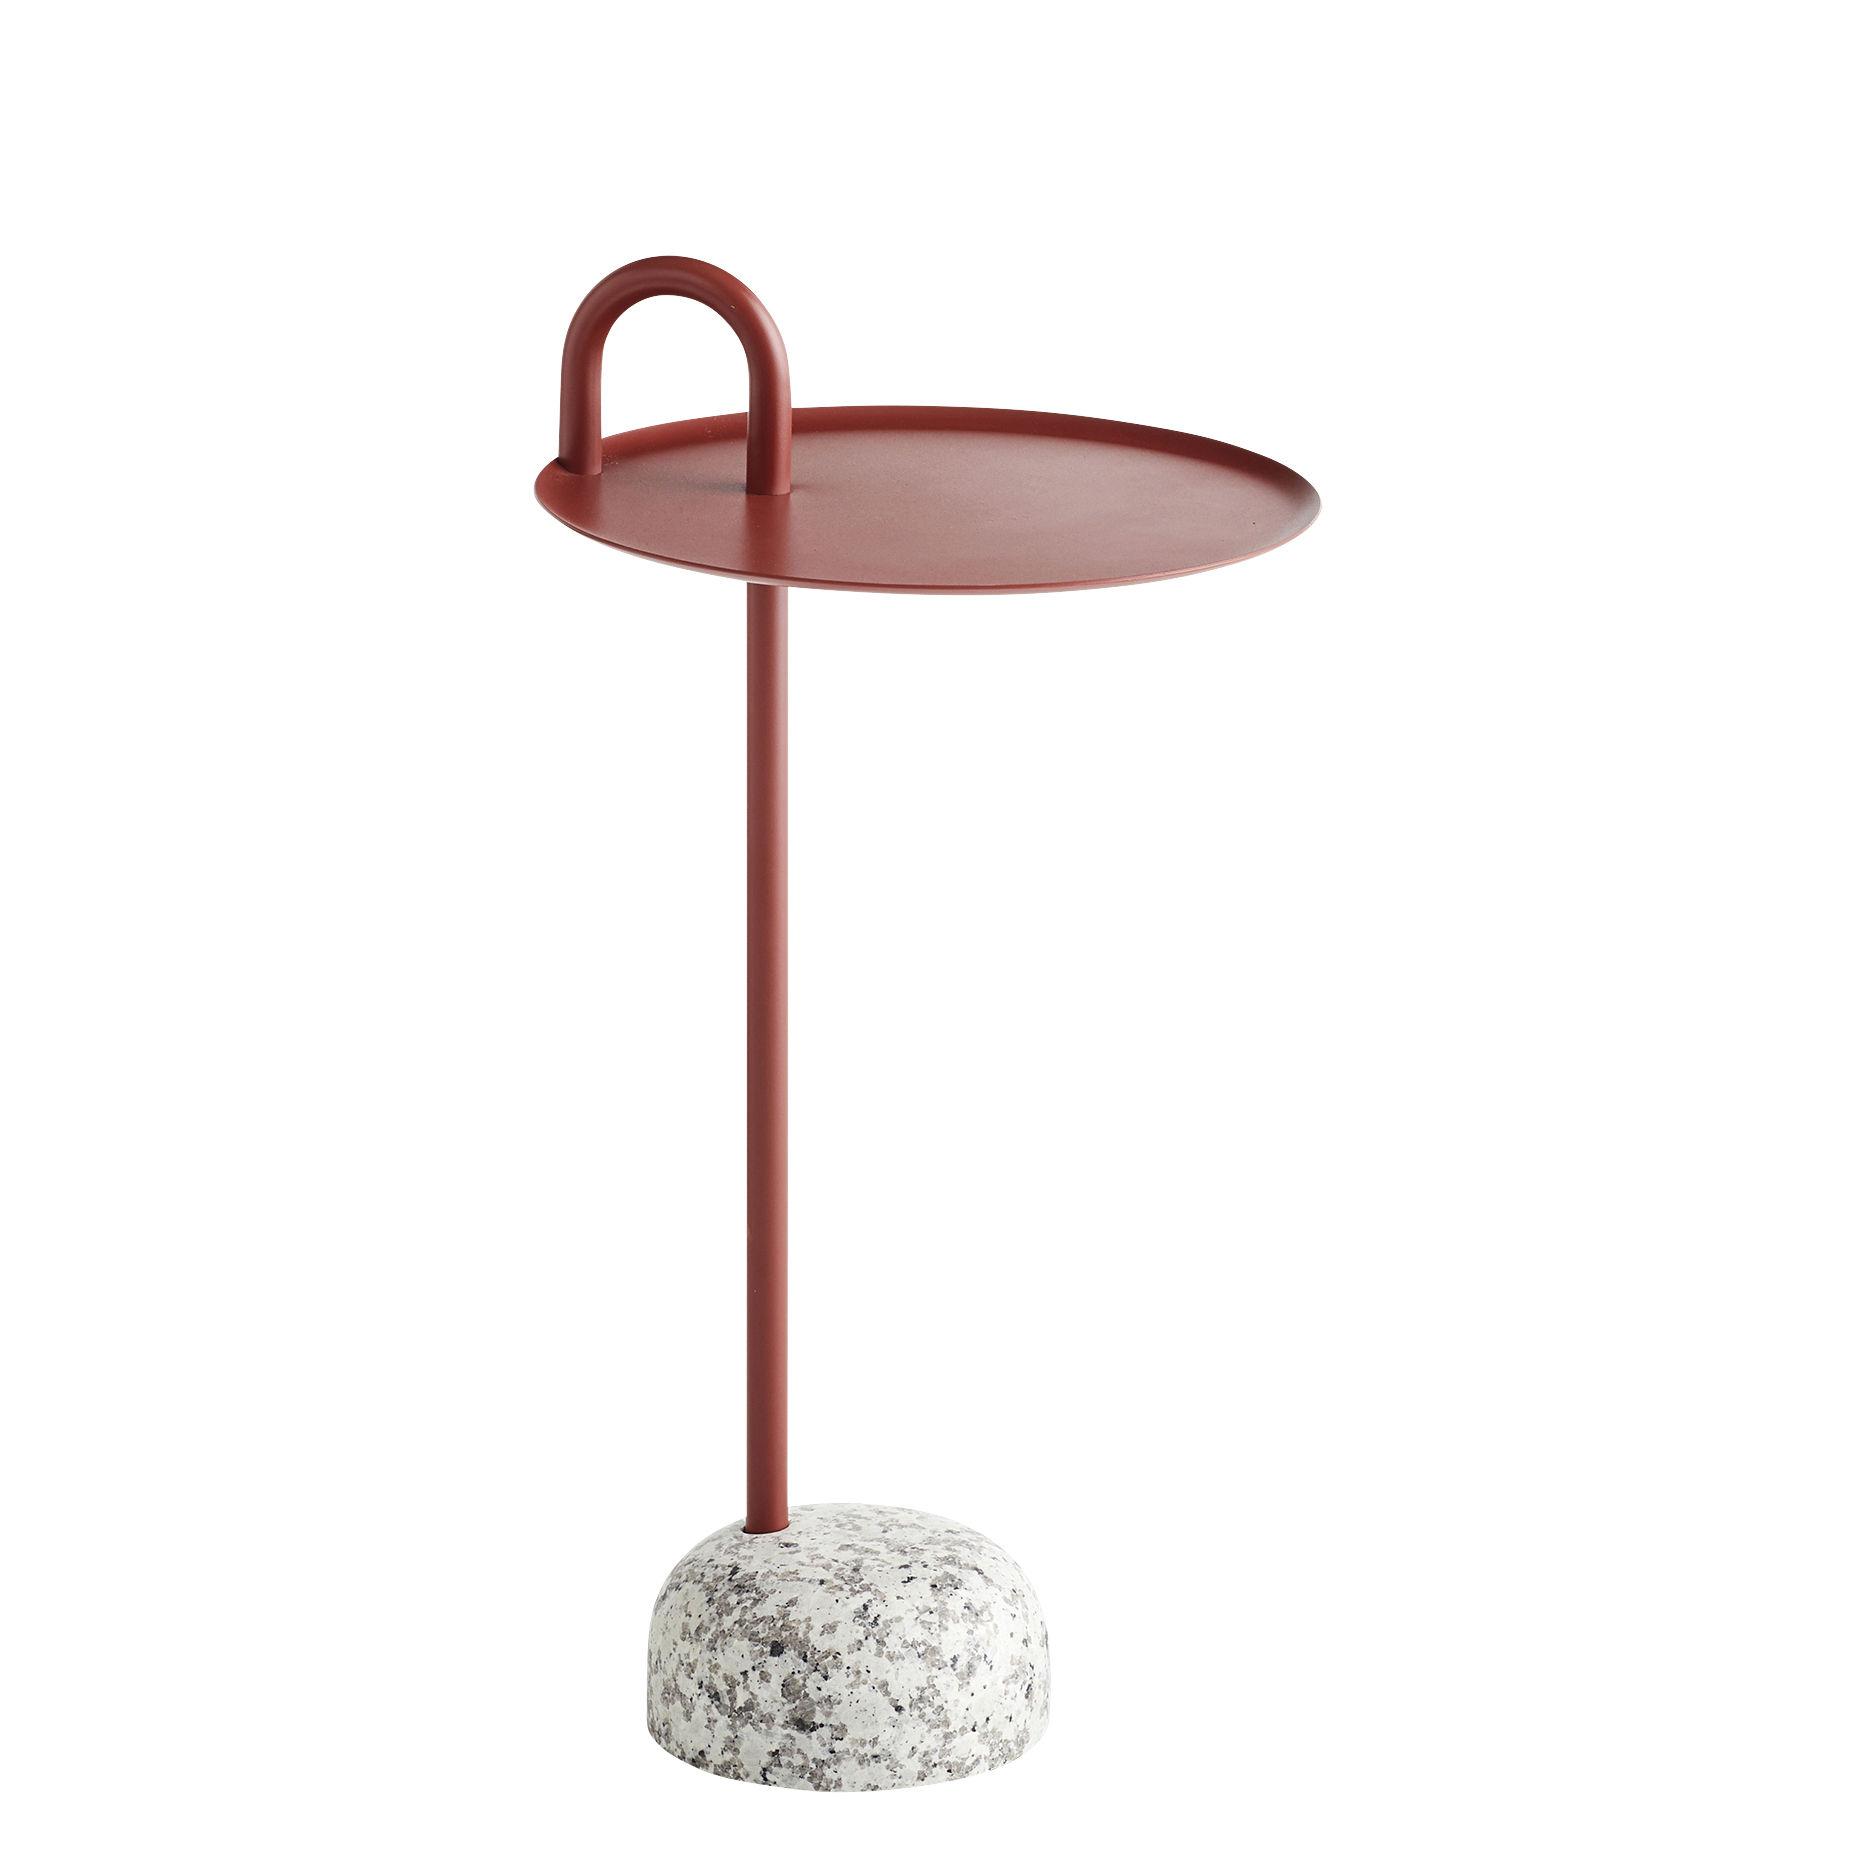 Arredamento - Tavolini  - Tavolino d'appoggio Bowler - / Metallo & granito di Hay - Rosso / Granito grigio - Acciaio laccato epossidico, Granito